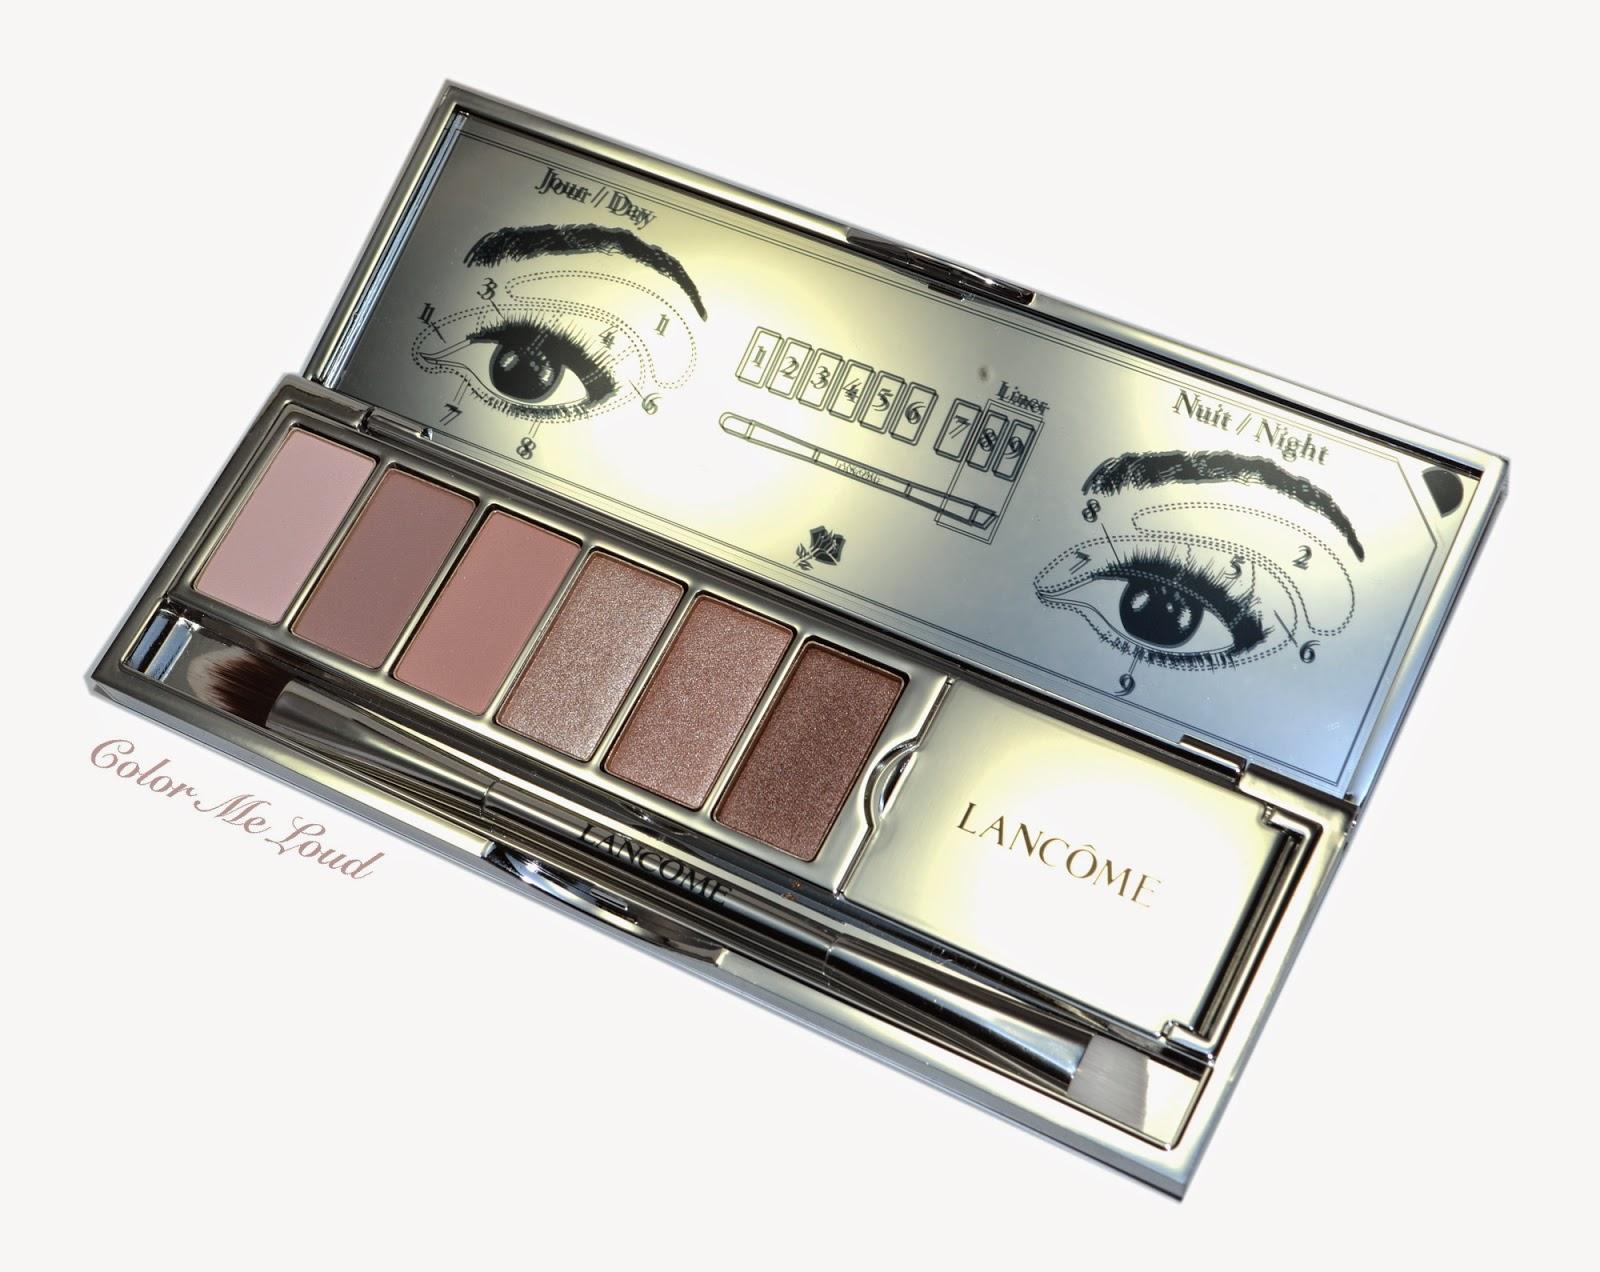 Lancôme My Paris Eye Shadow Palette Compact